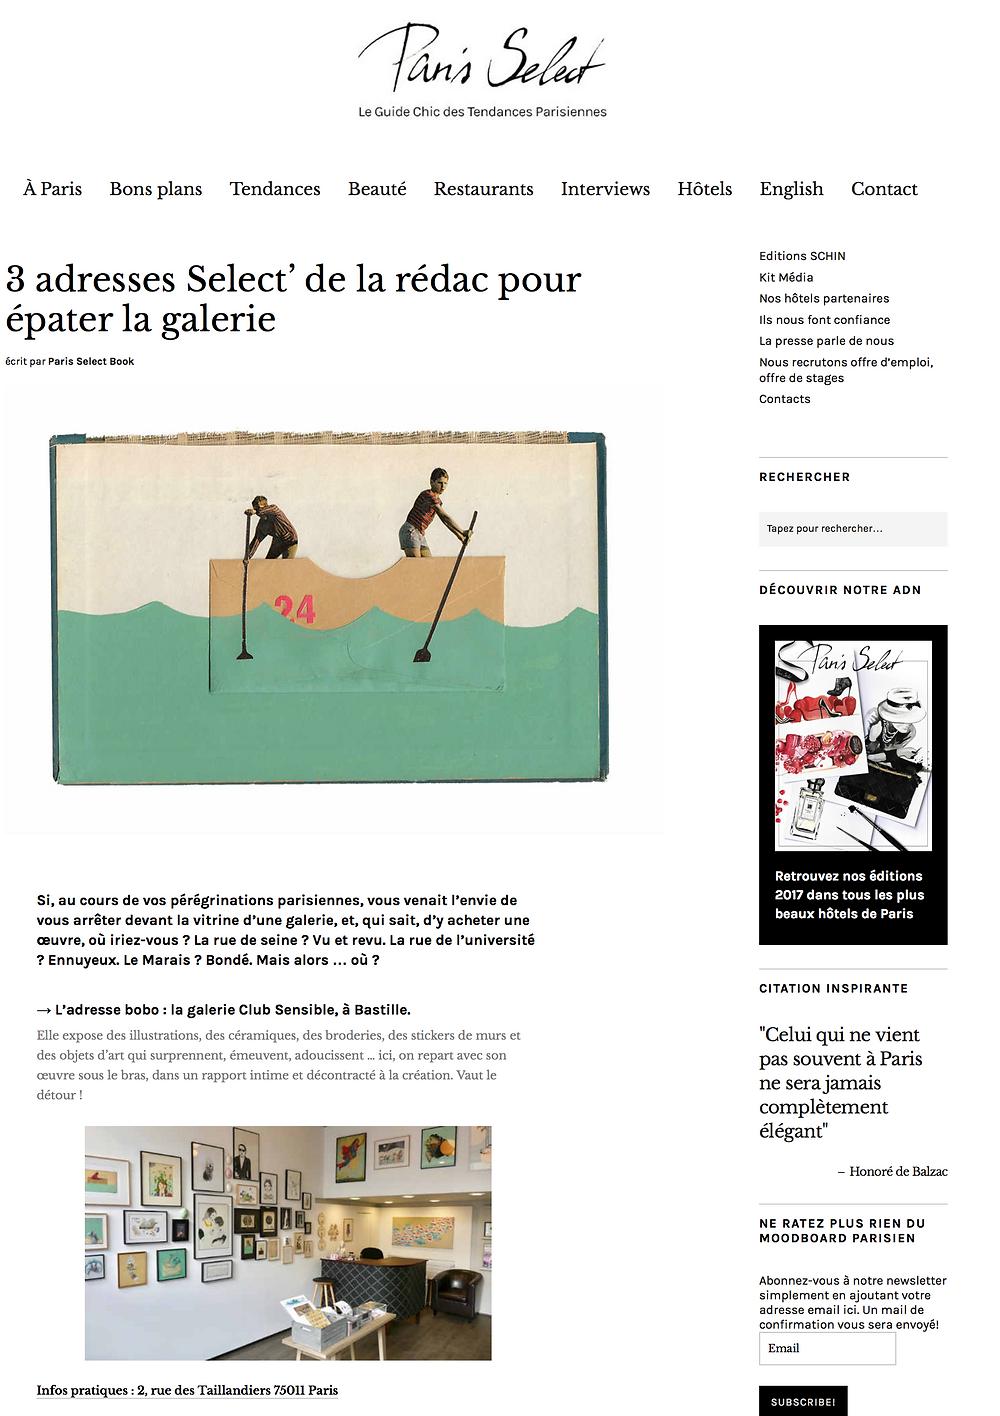 Blog Paris Select - guide chic des tendances parisiennes